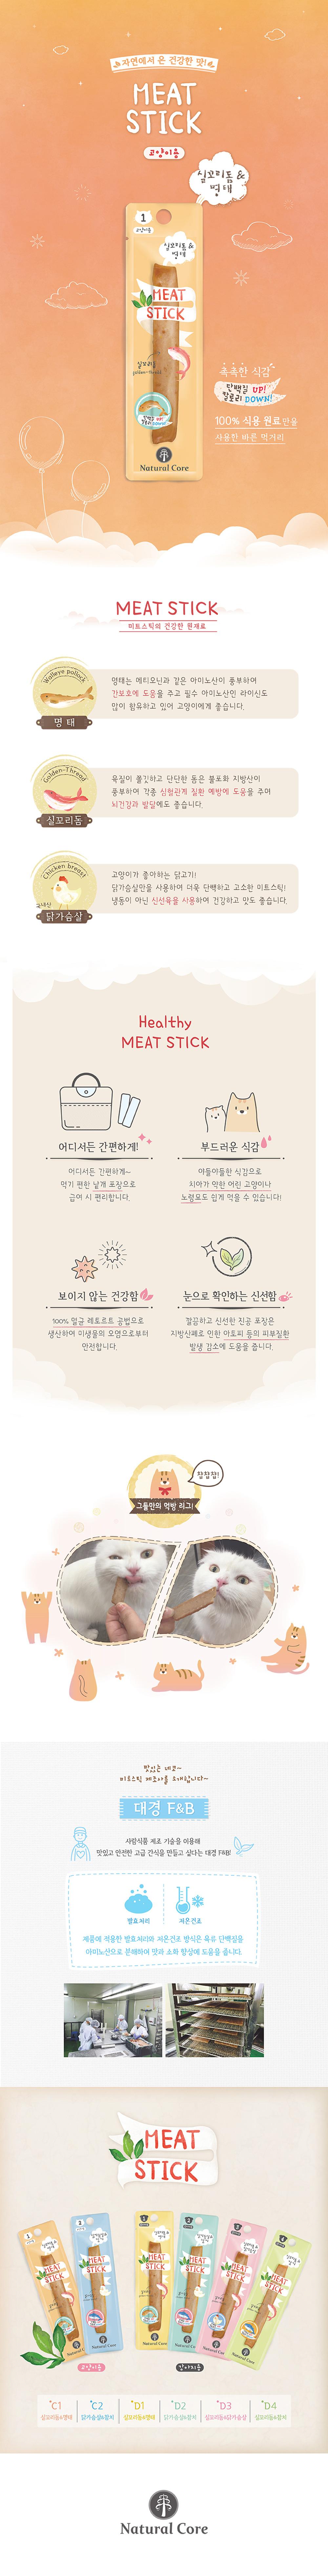 네츄럴코어 미트스틱 실꼬리돔&명태 7g